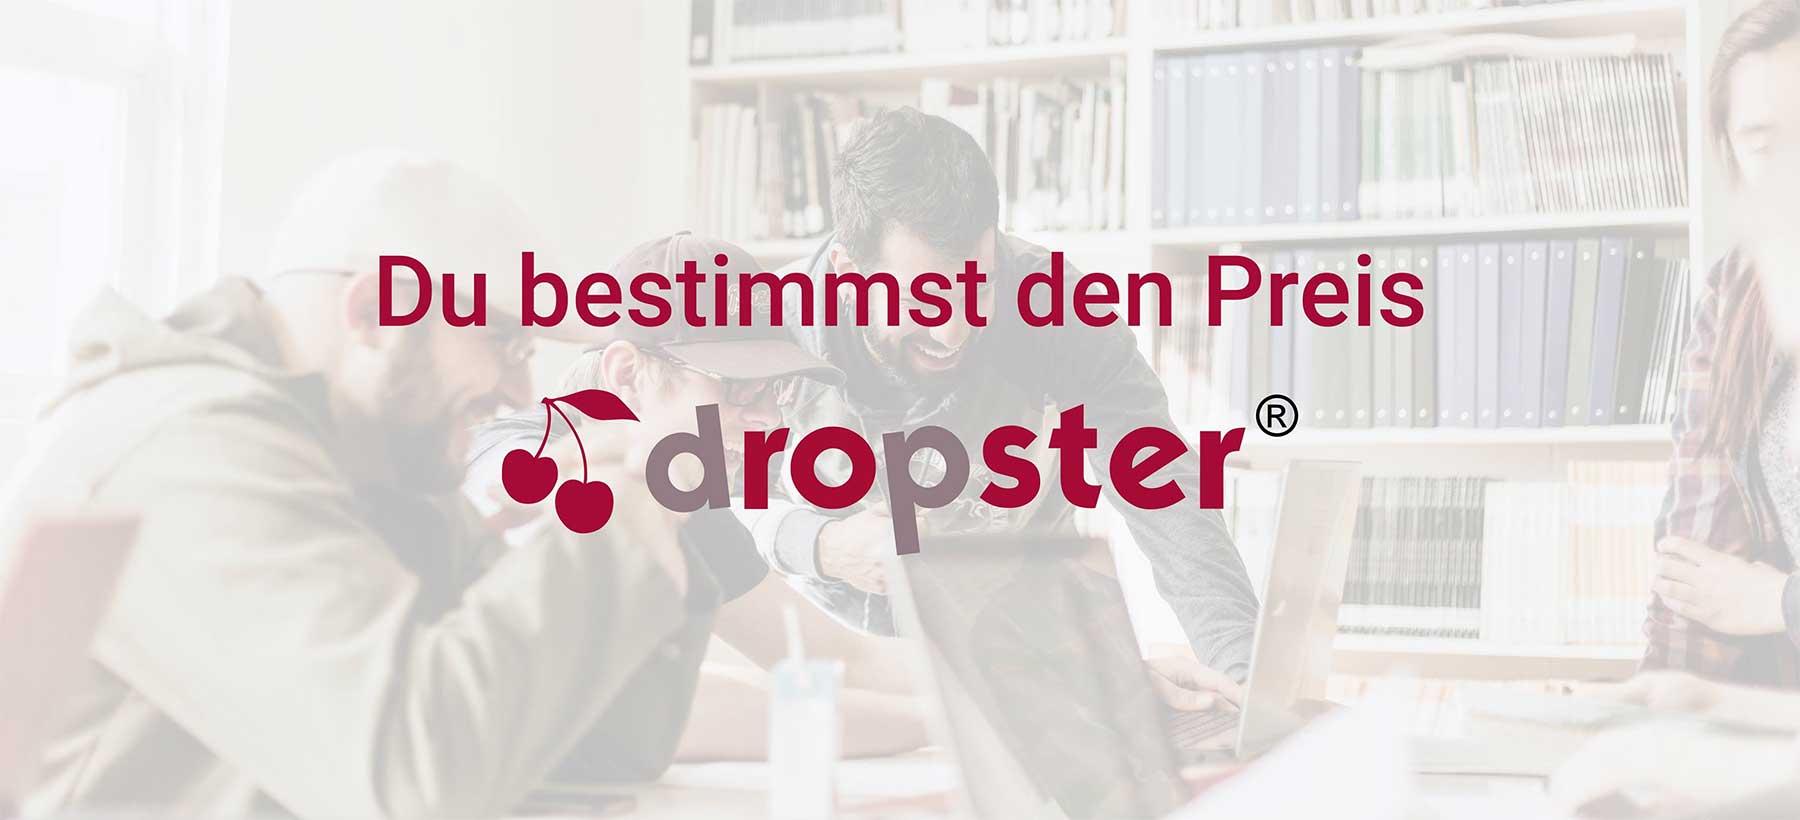 Bei dropster fällt der Verkaufspreis sekündlich dropster-test_10